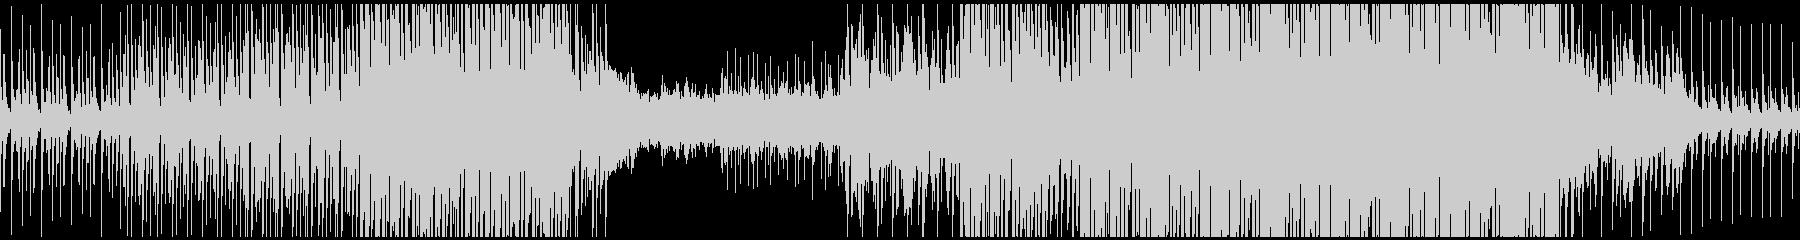 ドラム & ベース ジャングル 企...の未再生の波形